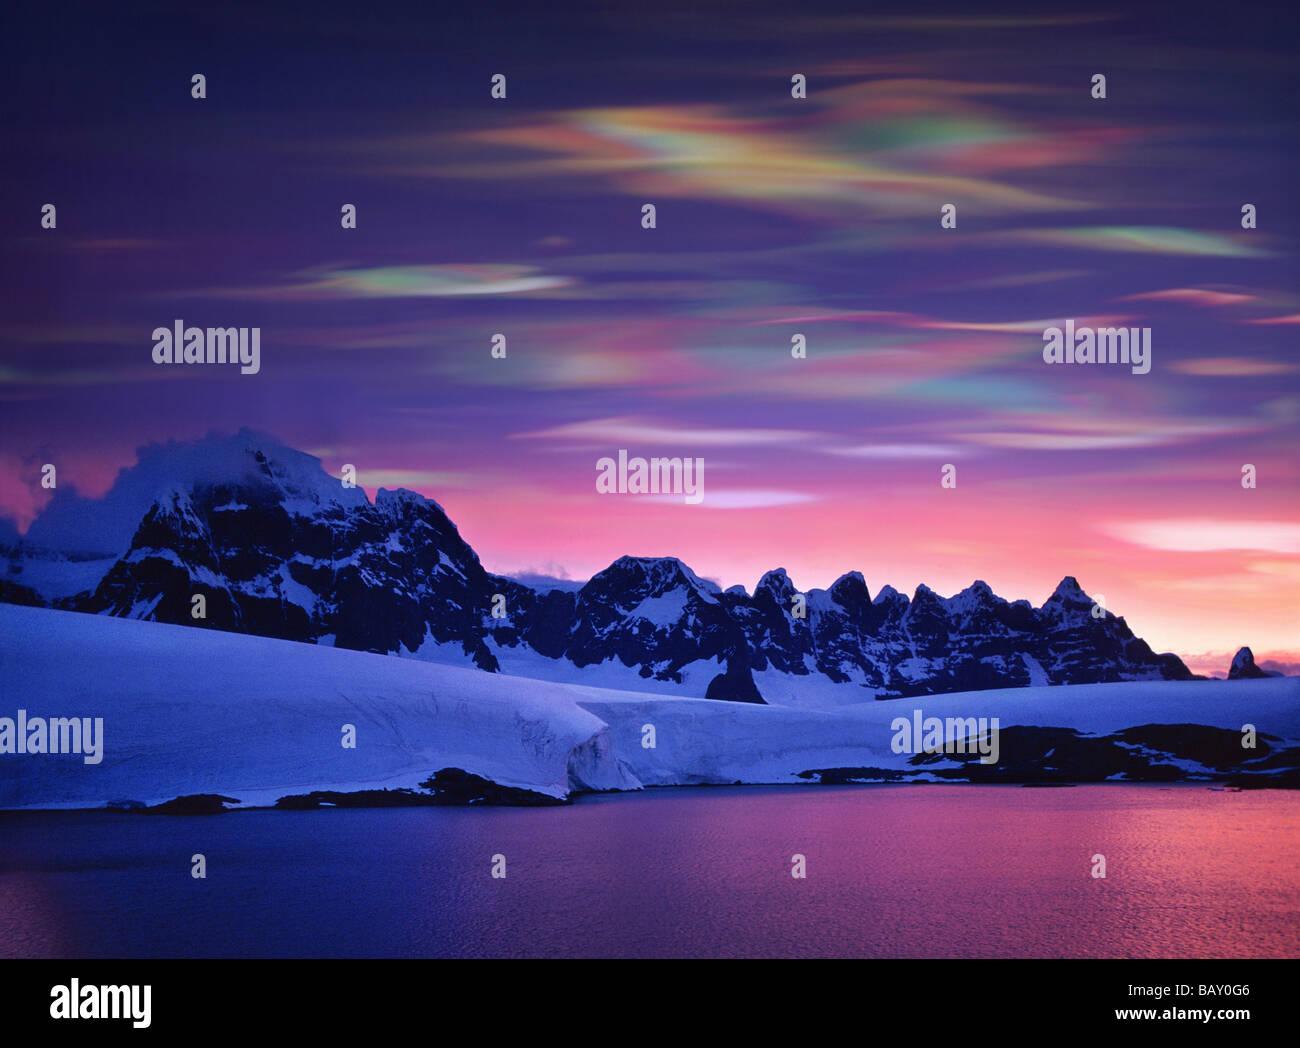 Pearl nubes, nubes perlado, las nubes estratosféricas polares, estas nubes indican el calentamiento global, Imagen De Stock